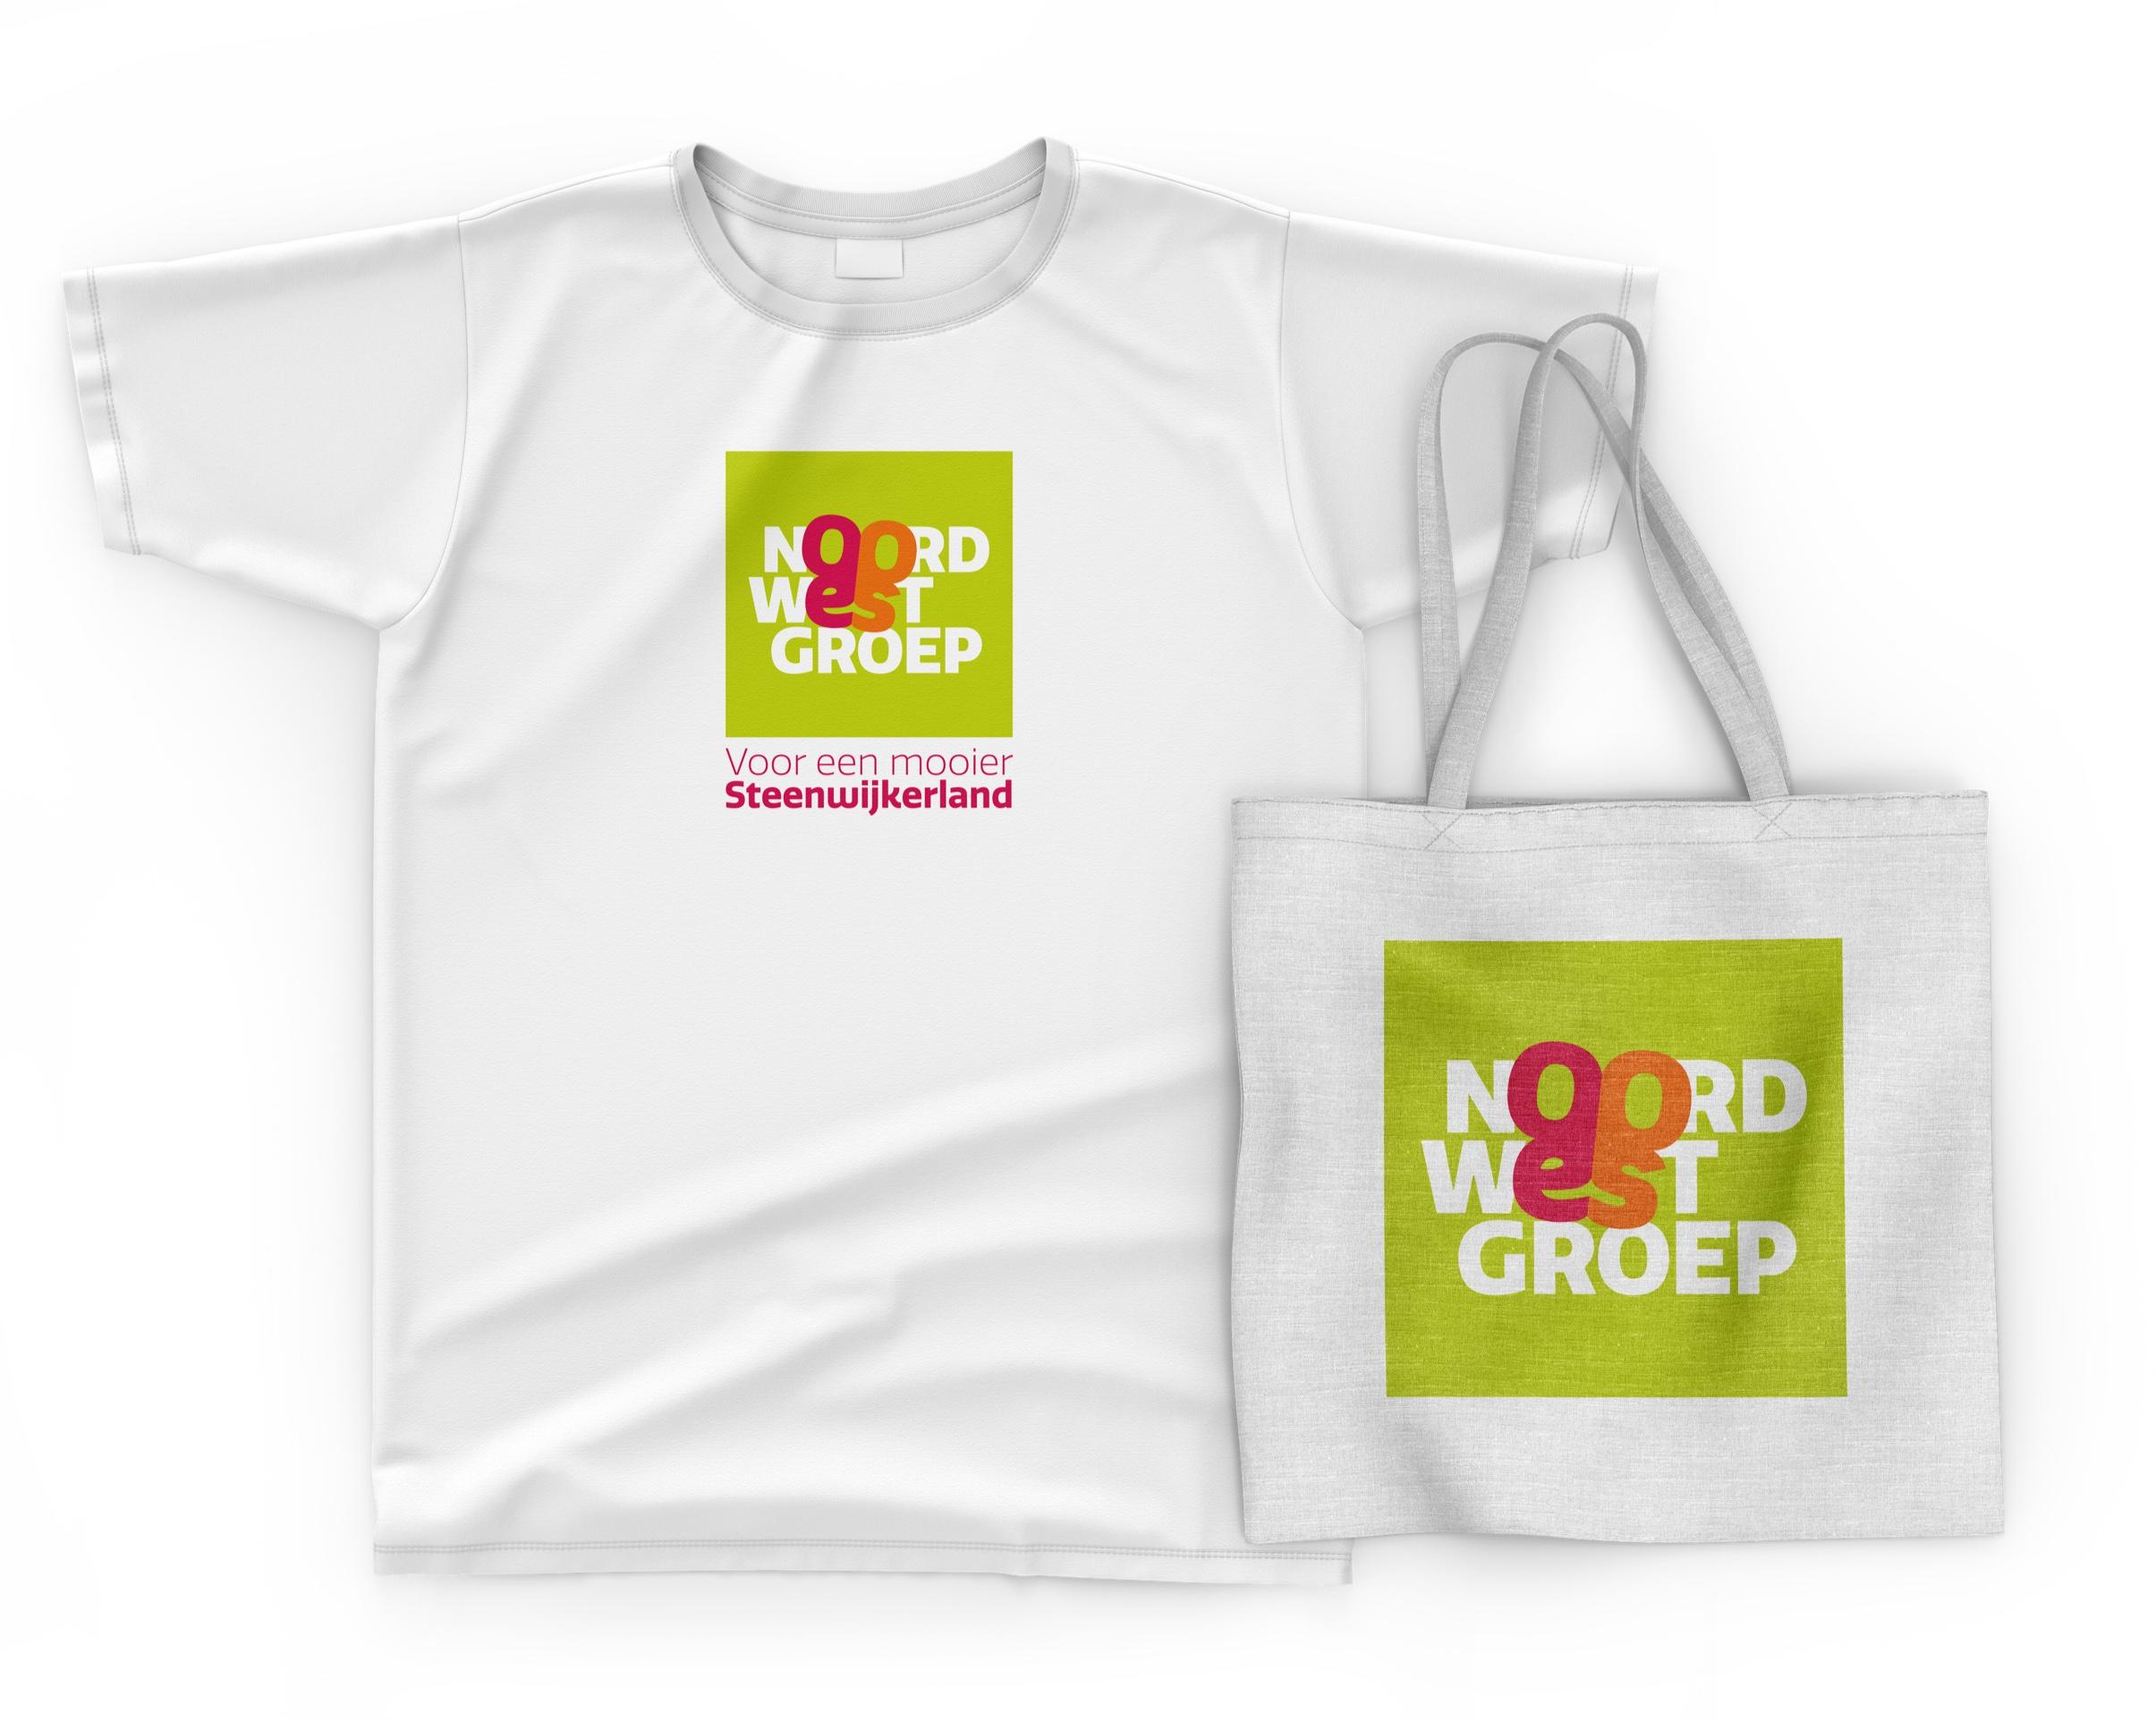 NoordWestGroep - Branding